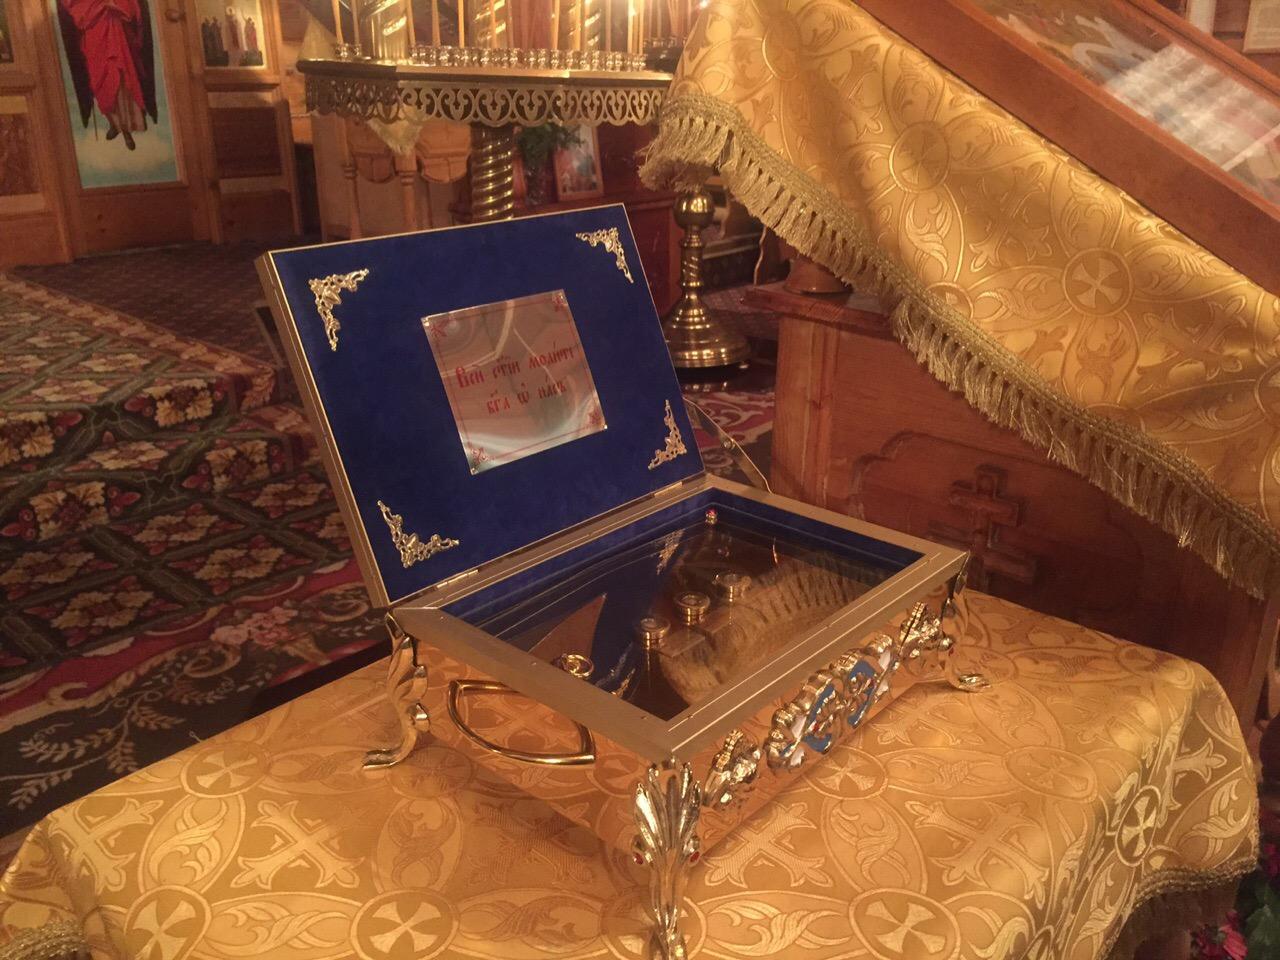 В Покровский храм г. Новосибирска доставлен ковчег с частицей мощей святых покровителей воинства